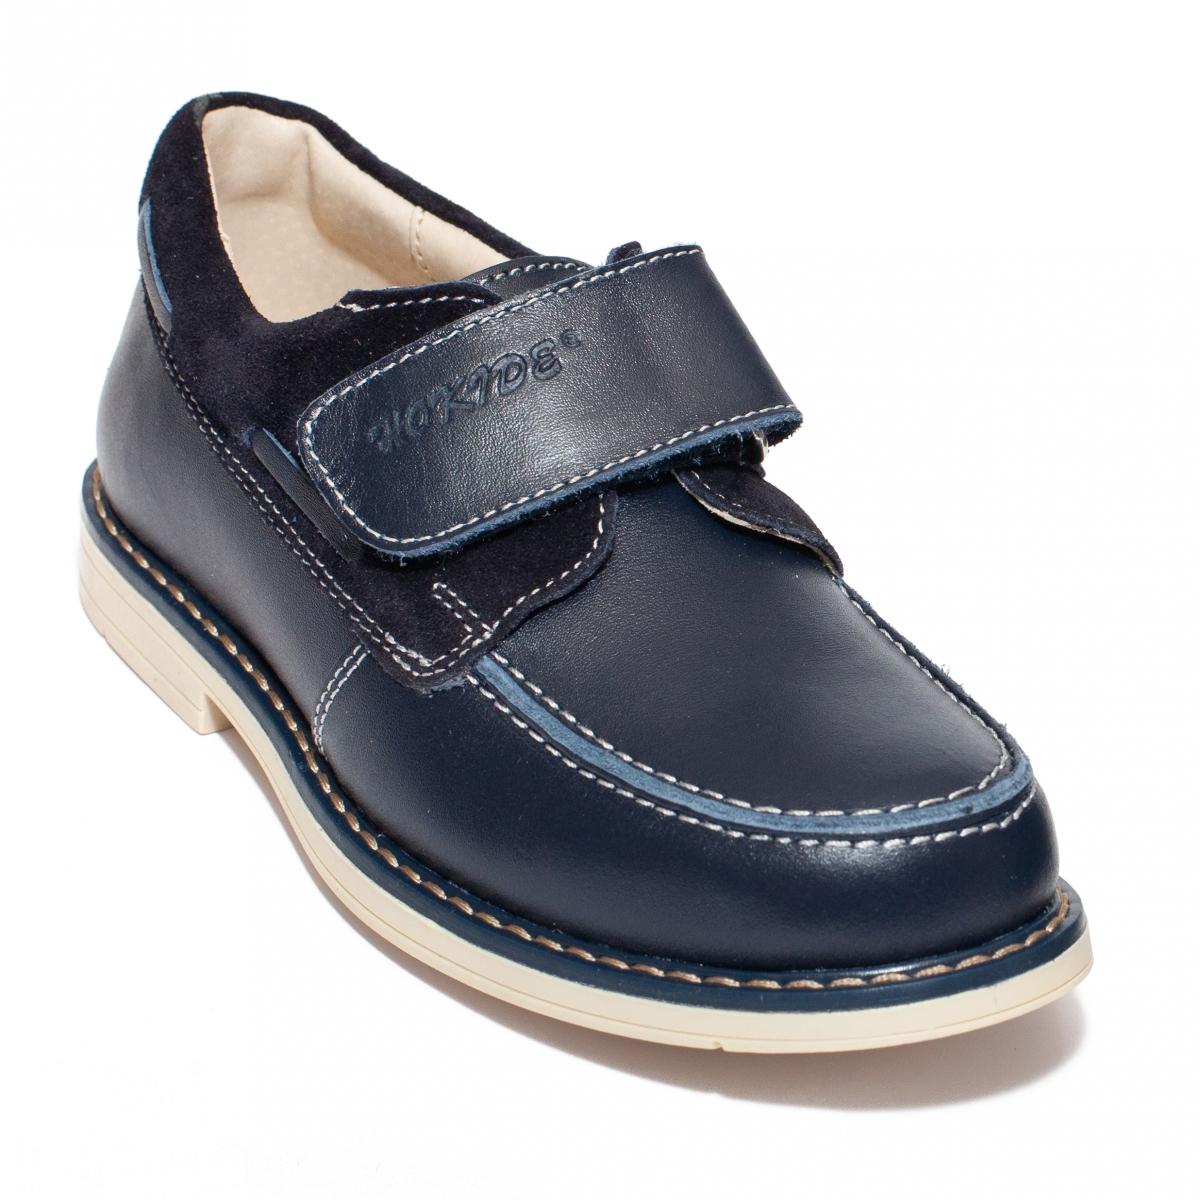 Pantofi mocasini baieti hokide 408 blu arici 26-37